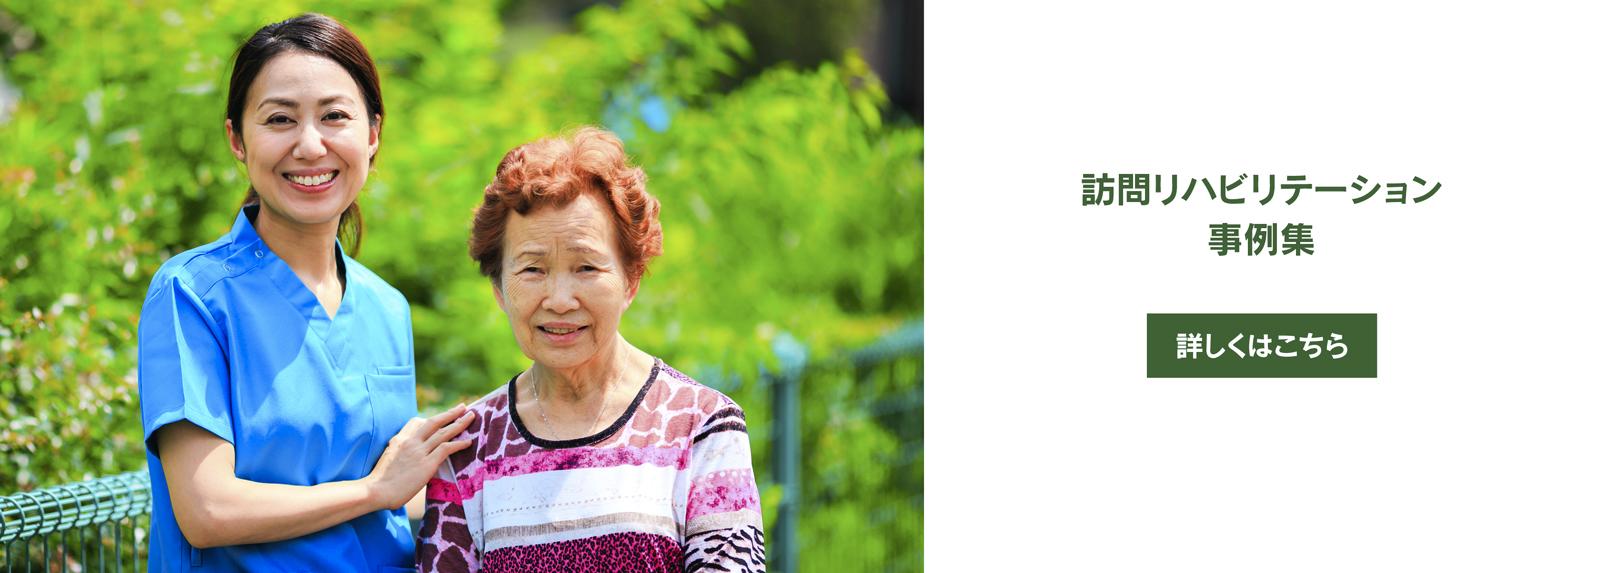 |刈谷の訪問リハビリセンター|刈谷なりたクリニック 訪問リハビリセンター